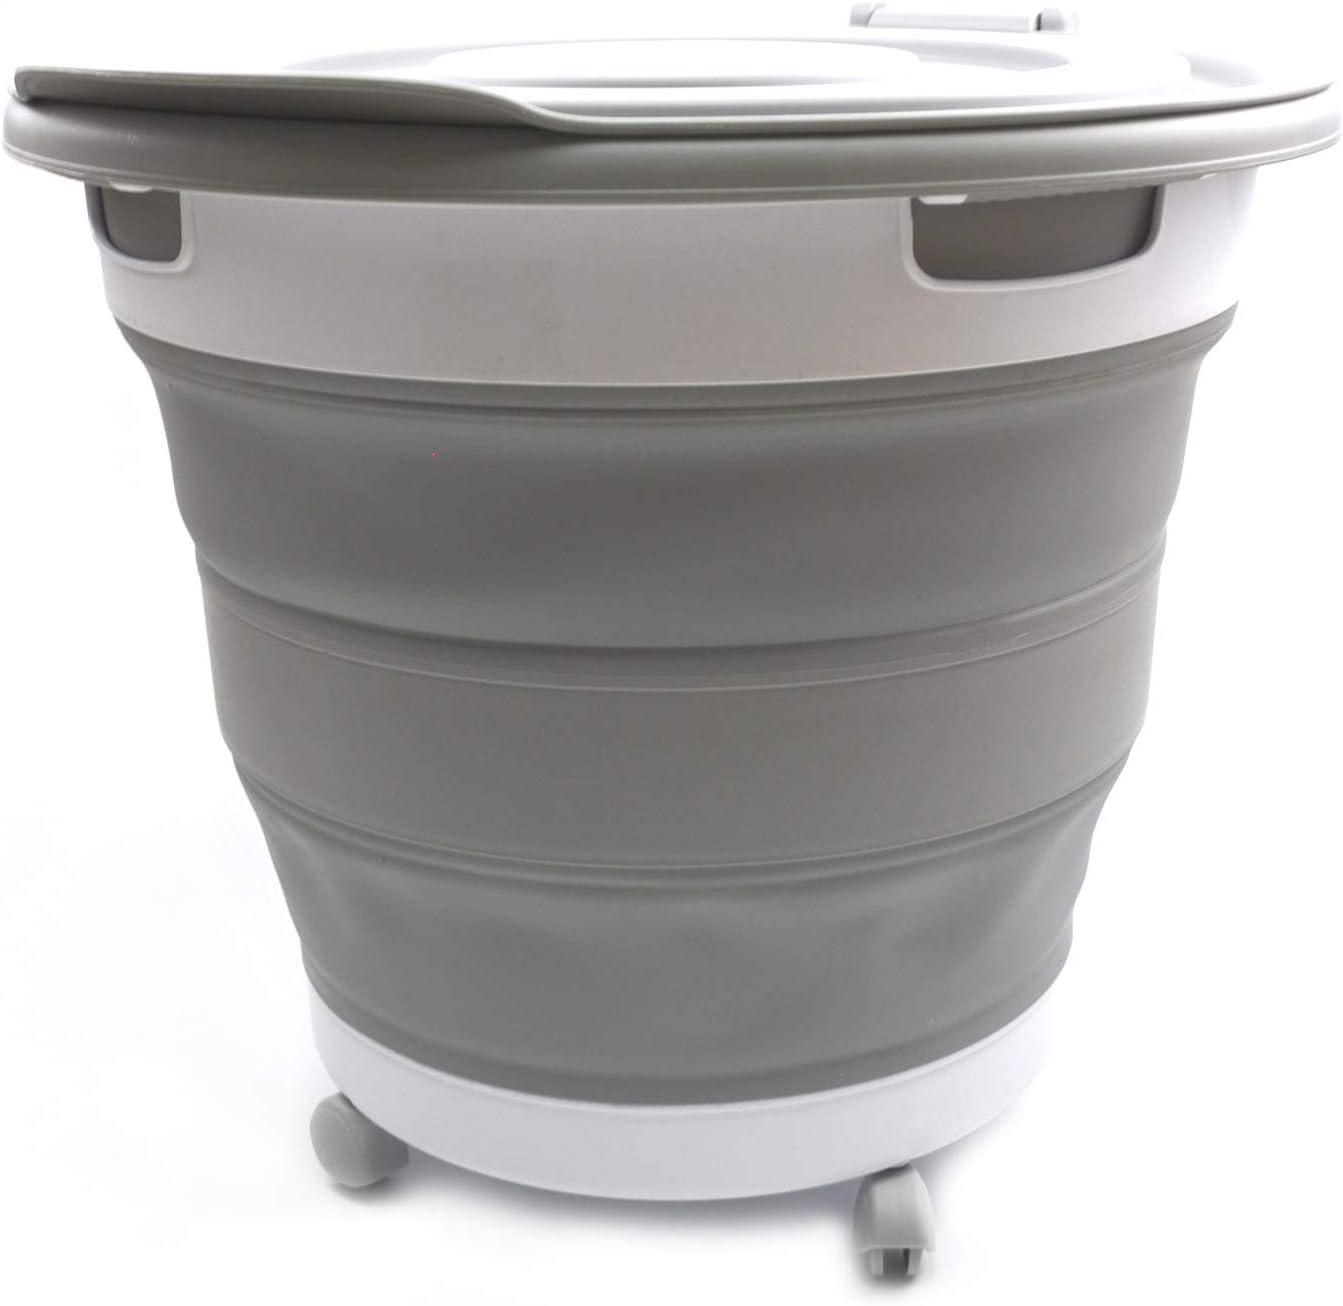 お買い得品 SAMMART Collapsible 限定特価 Plastic Garbage Bin wheels with and Removabl